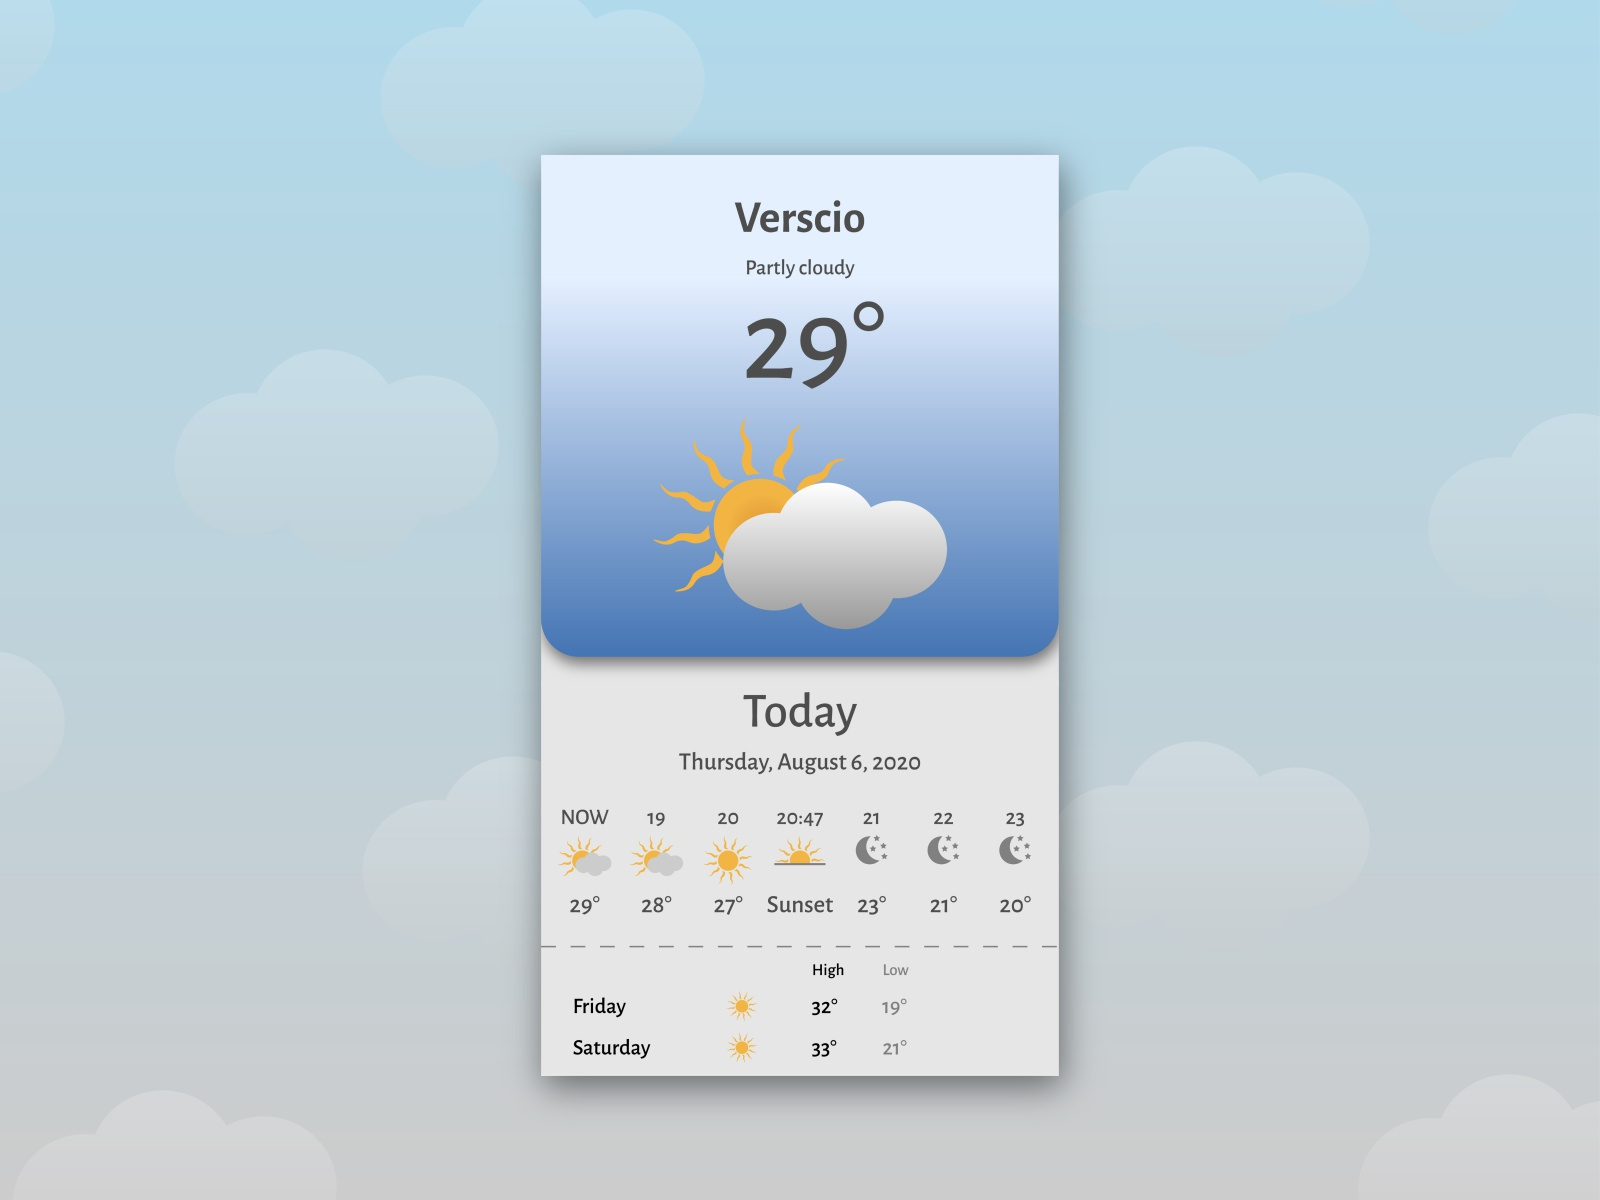 Design challenge - Weather app